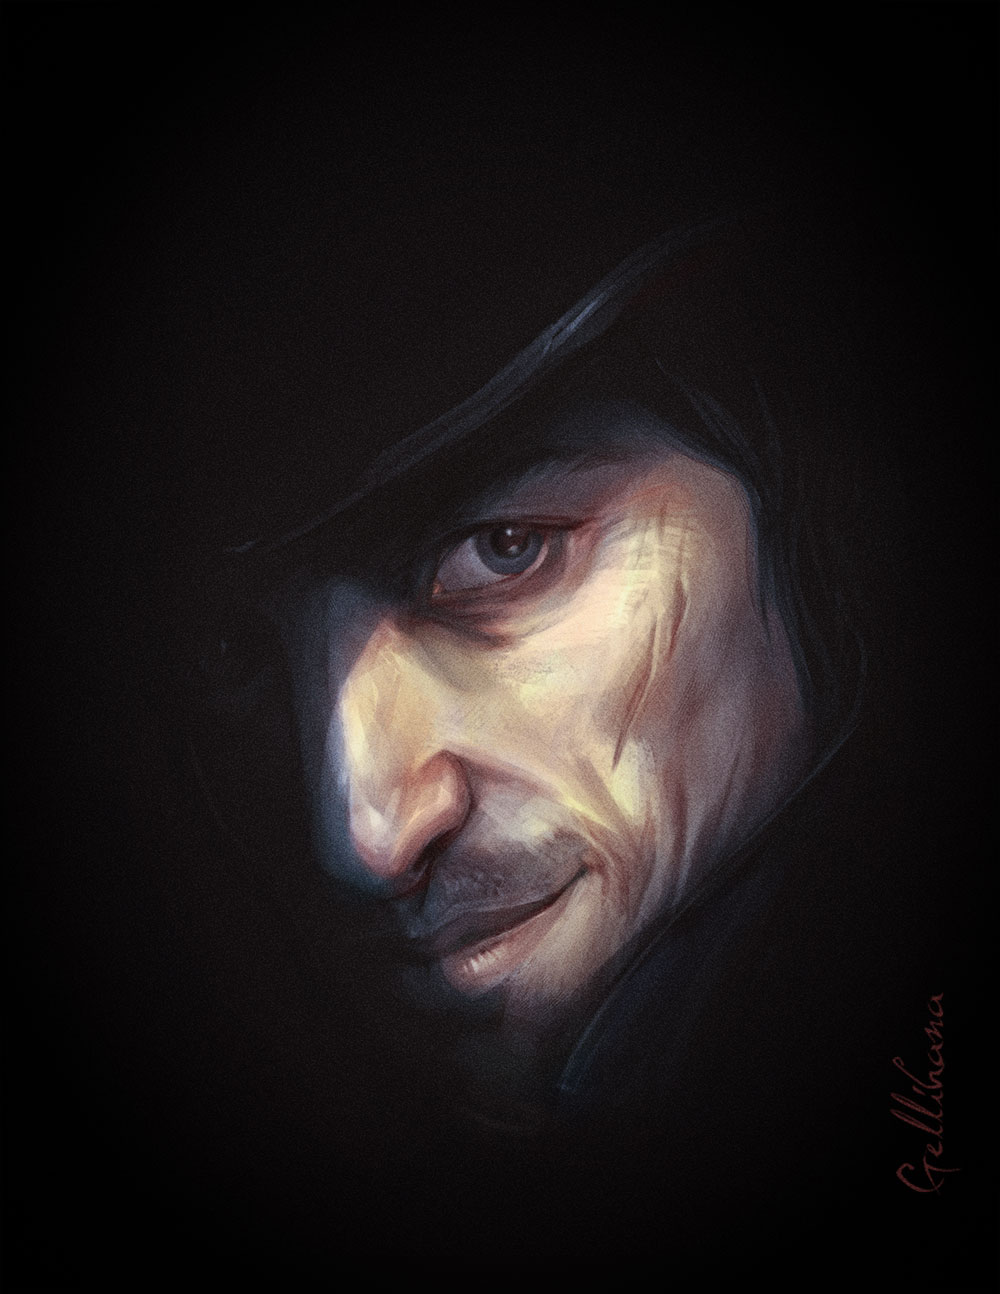 Man Face